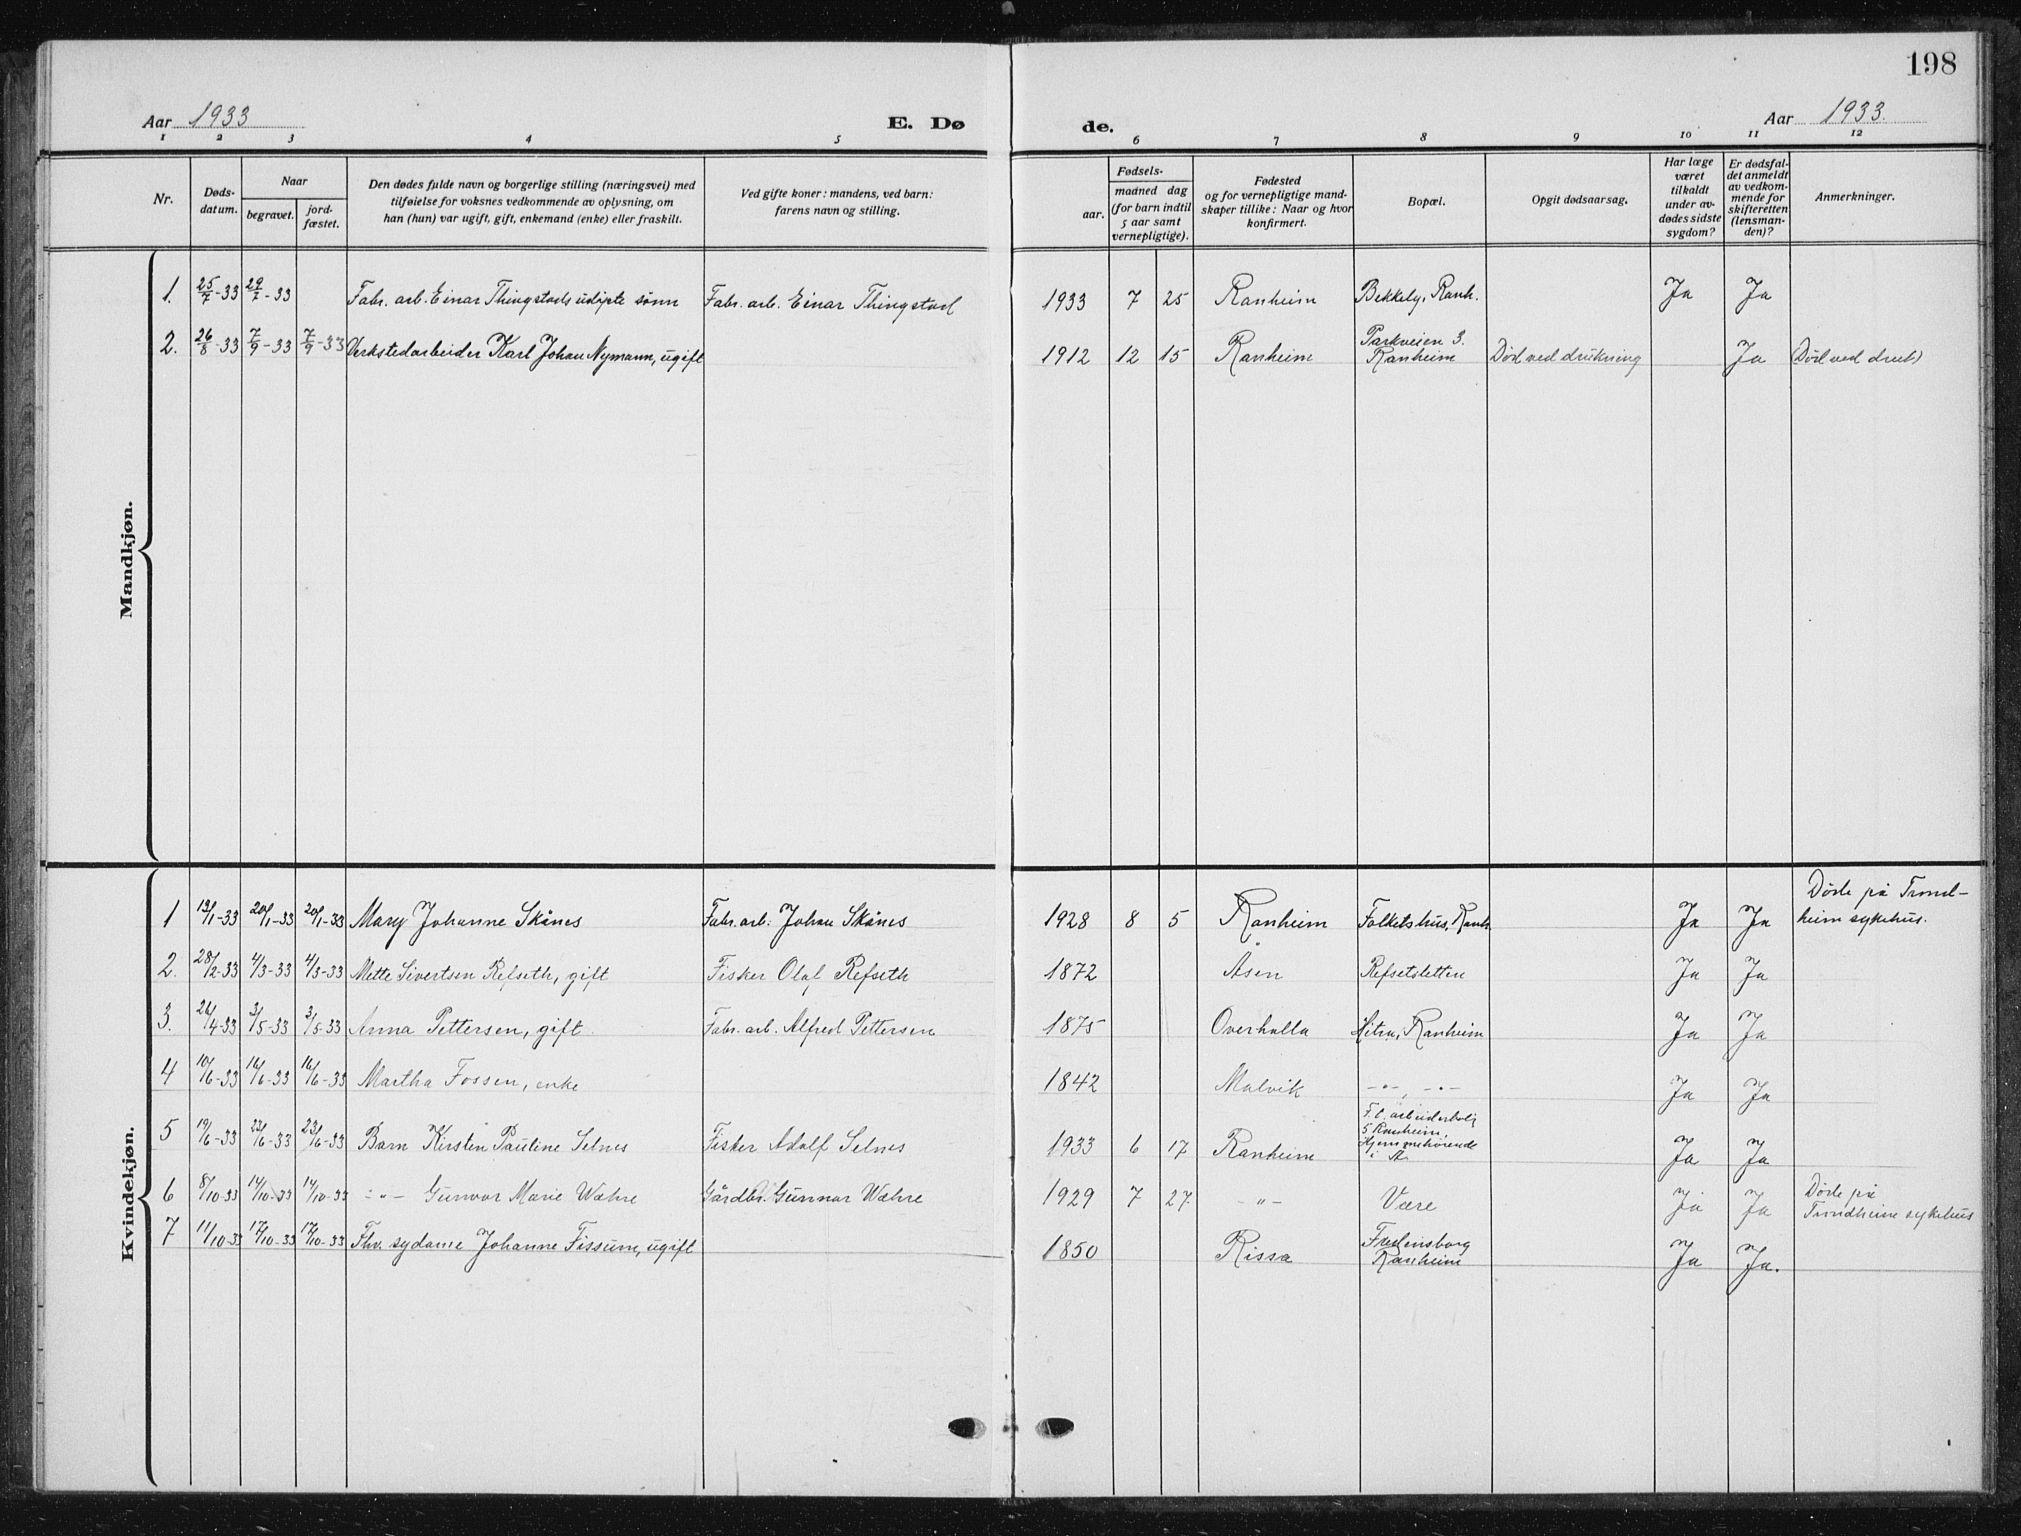 SAT, Ministerialprotokoller, klokkerbøker og fødselsregistre - Sør-Trøndelag, 615/L0401: Klokkerbok nr. 615C02, 1922-1941, s. 198